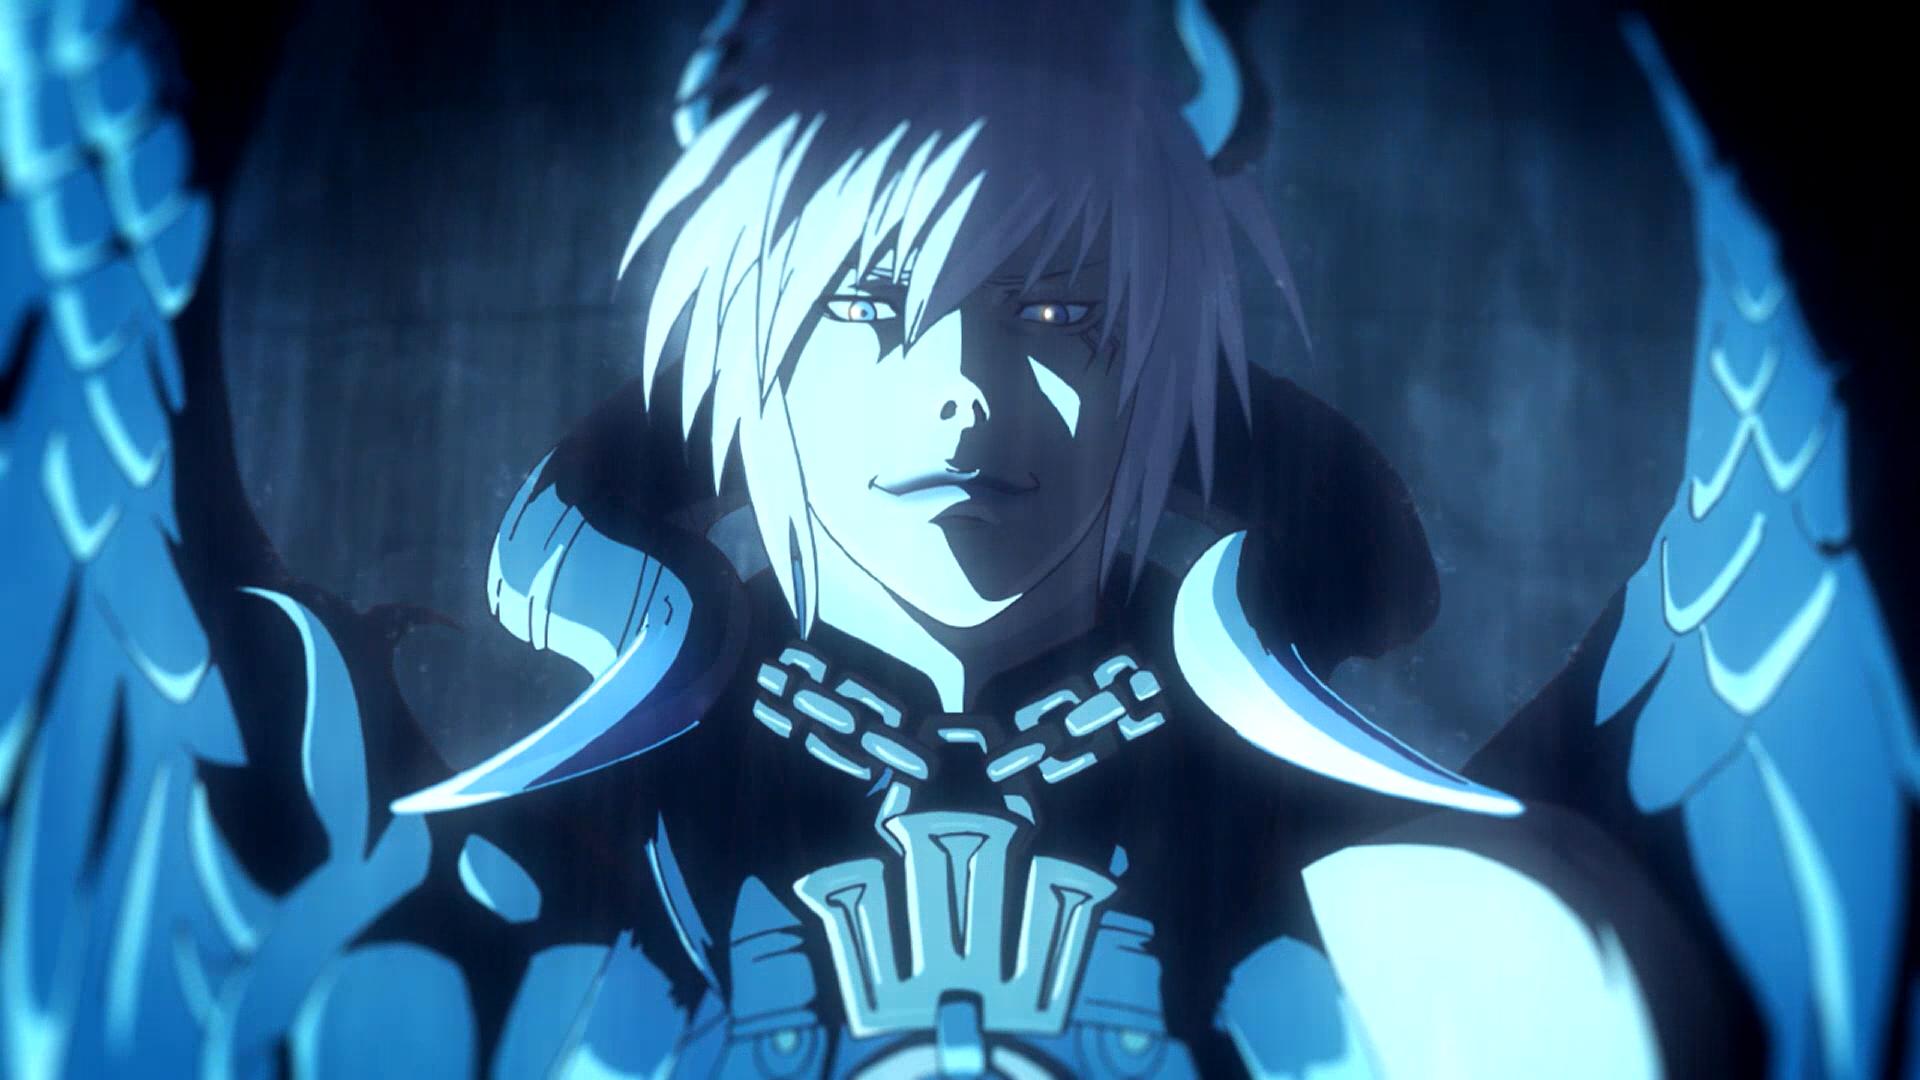 Мастер меча онлайн аниме картинки